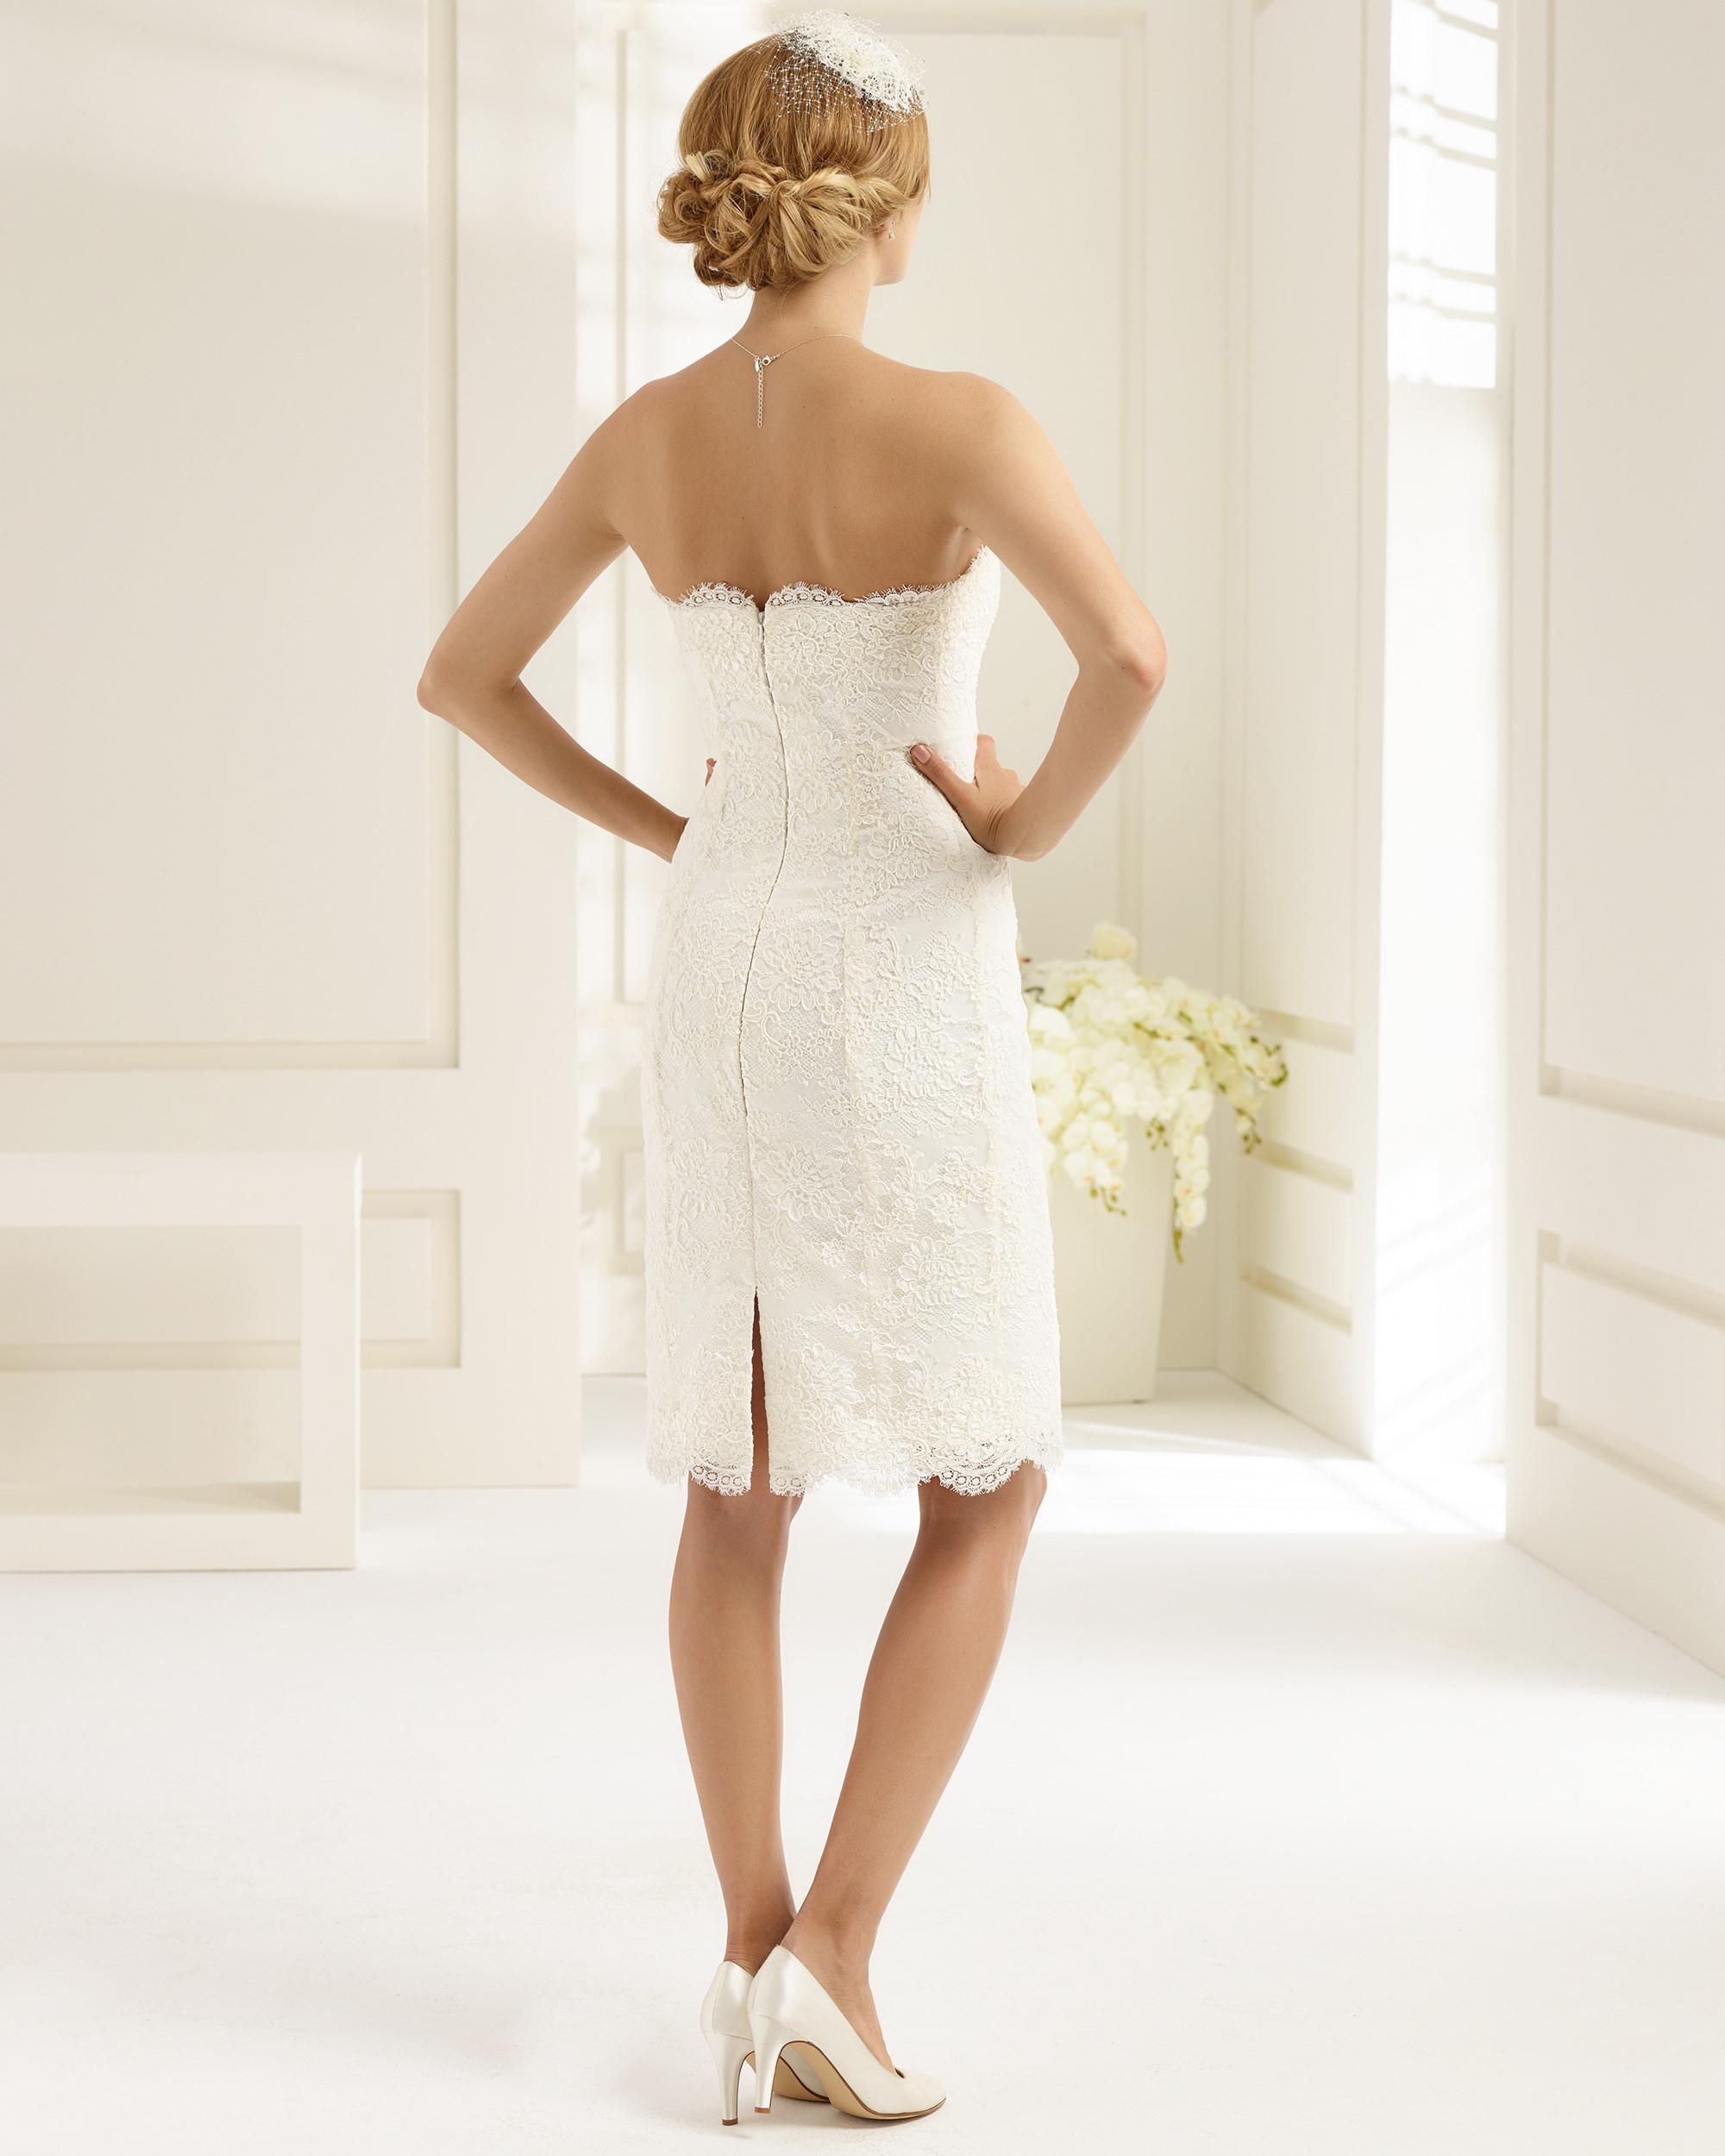 Brudklänning från Bianco Evento, Brudkjole, Brudklänning i Spets, brudklänning Chiffong, brudklänning i Tyll